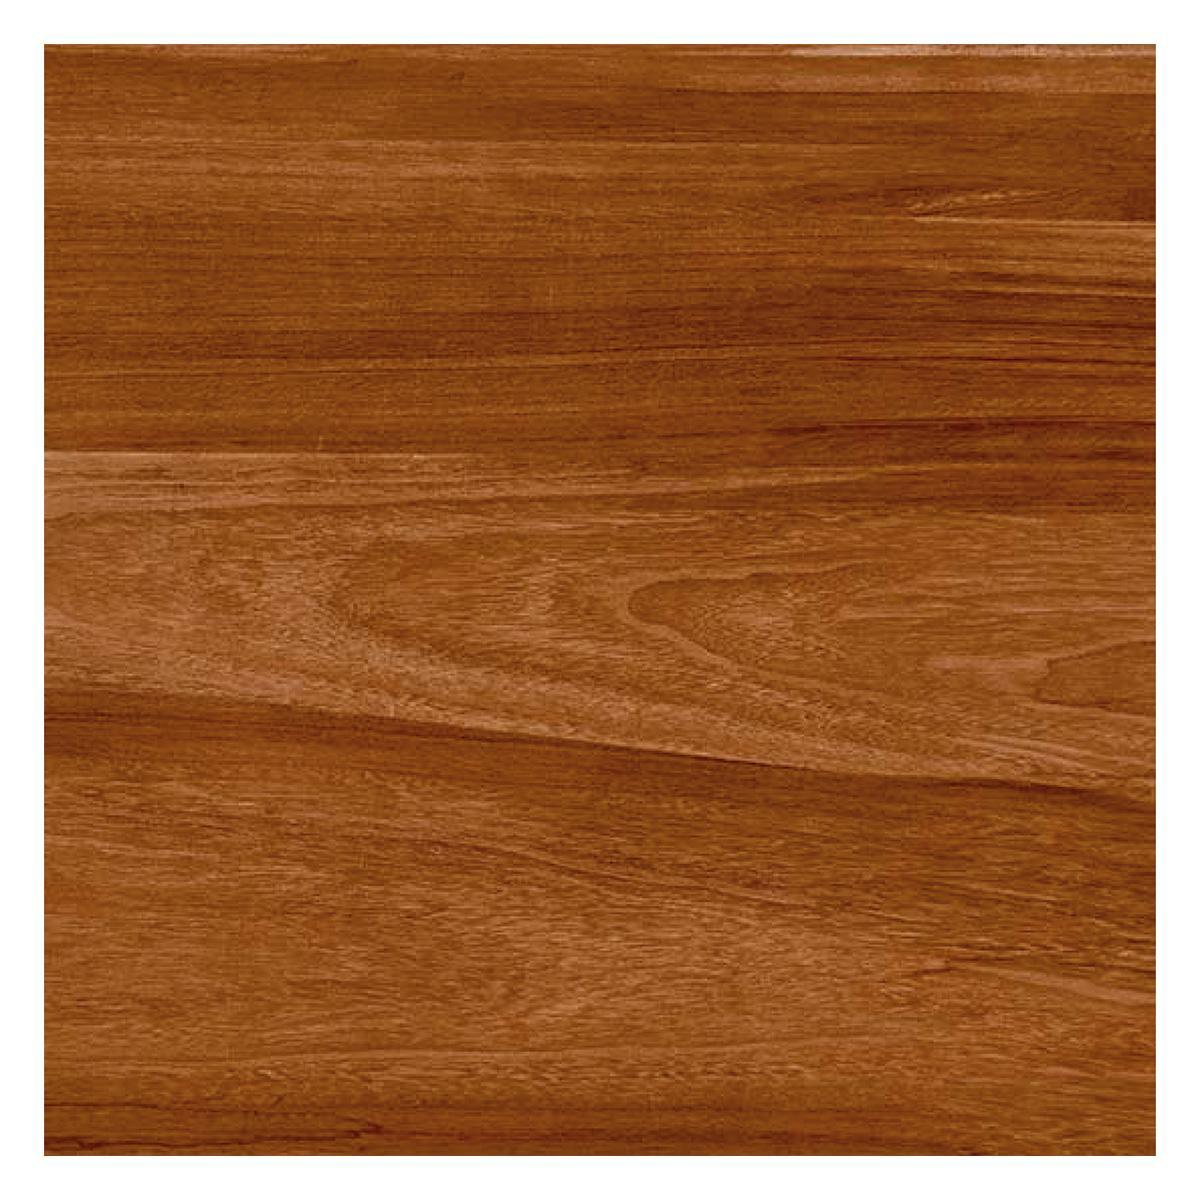 Piso Caoba Caramelo Brillante - 60X60 cm - 1.80 m2